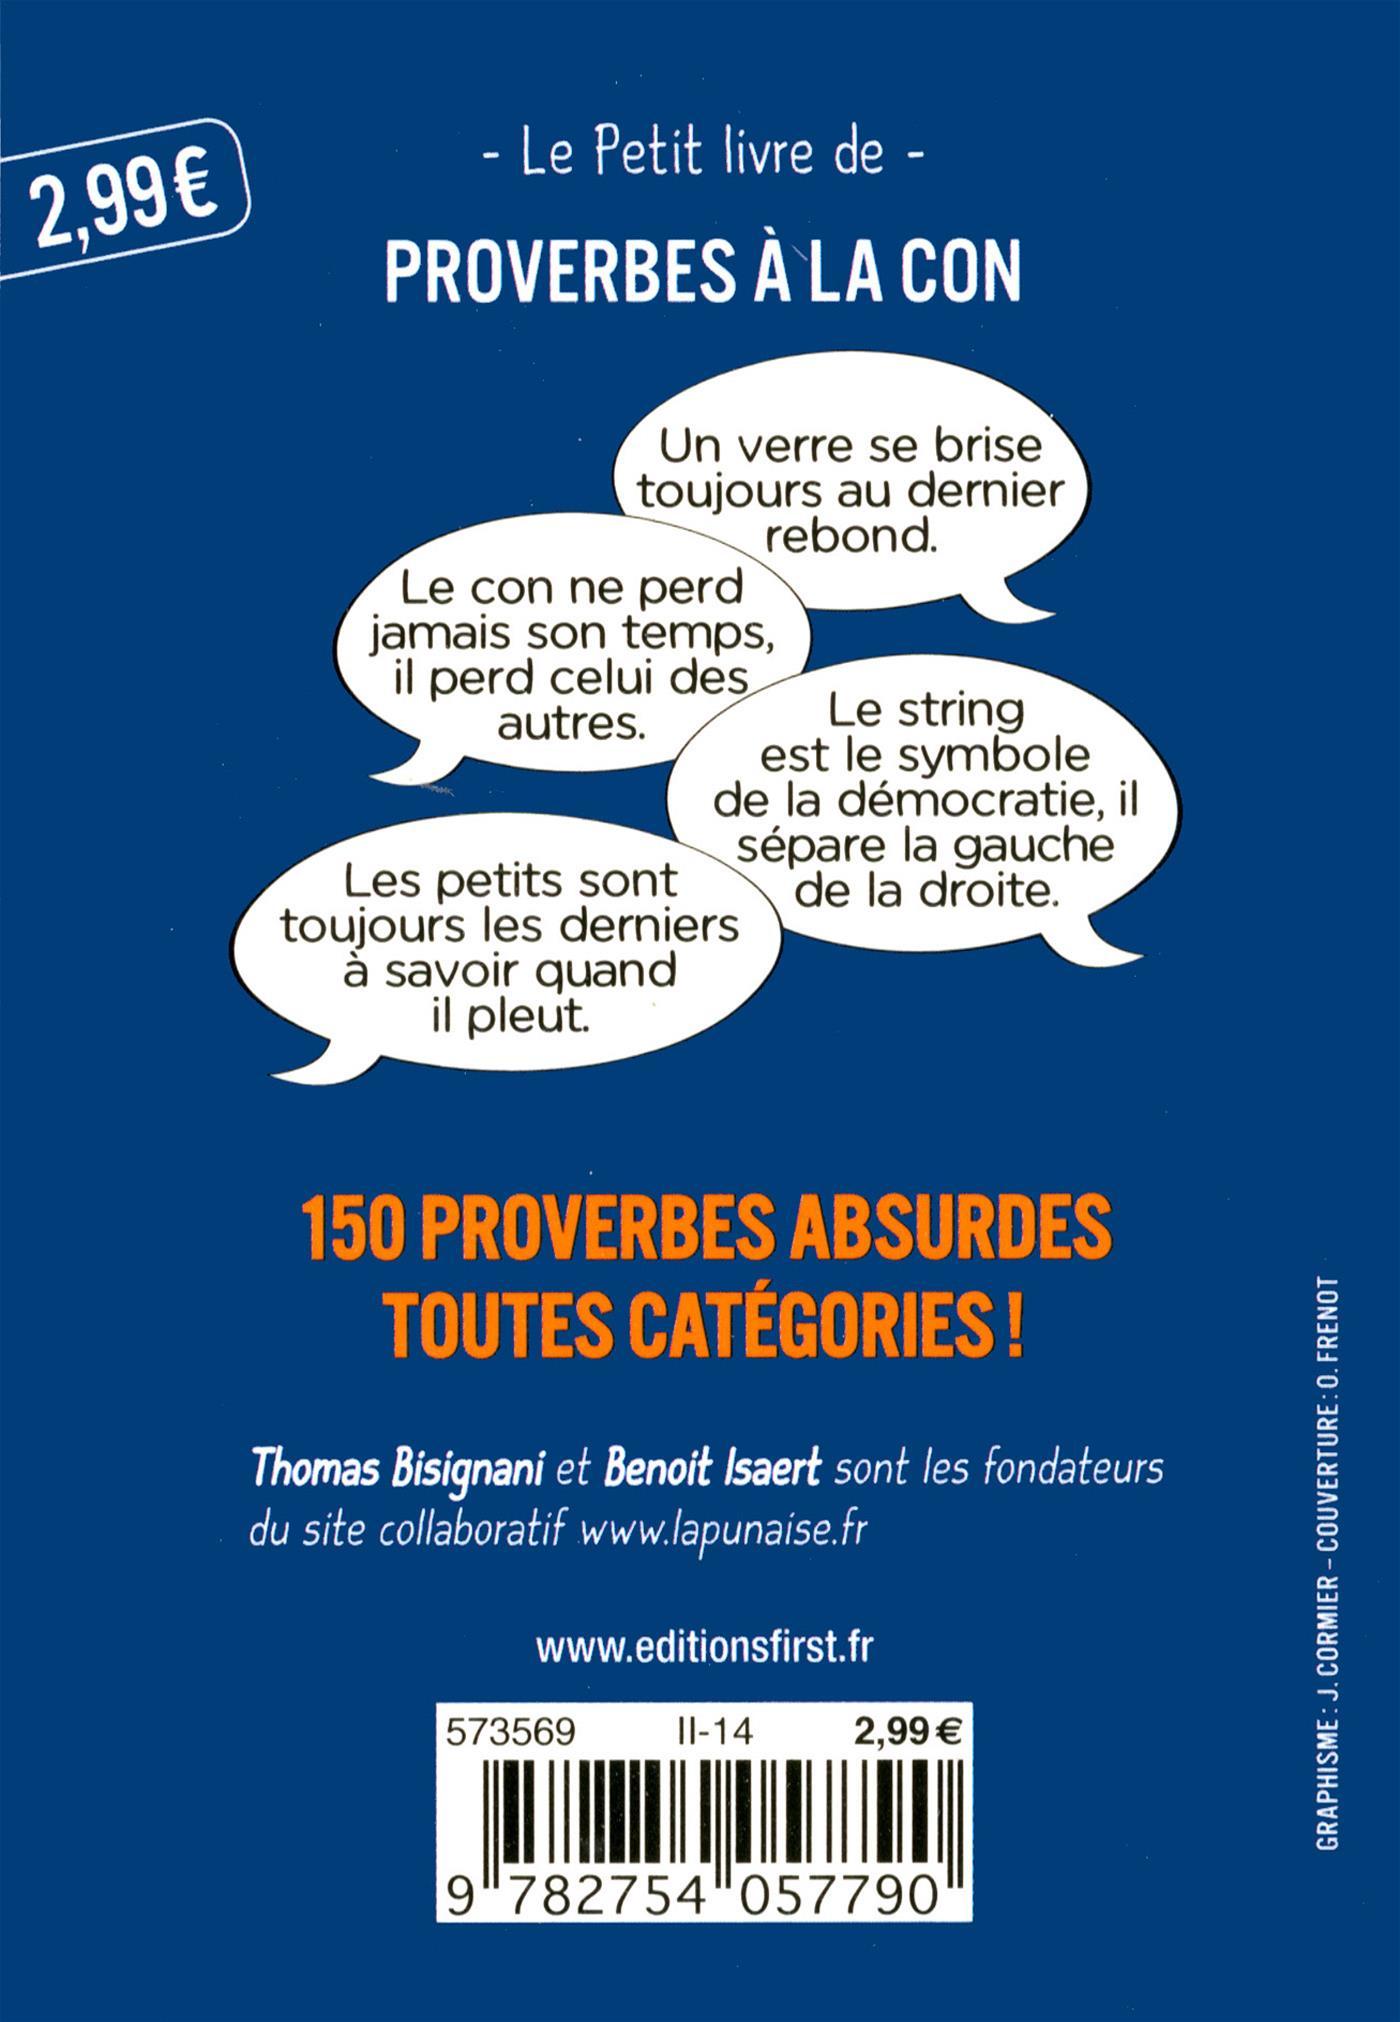 livre proverbes 224 la con messageries adp